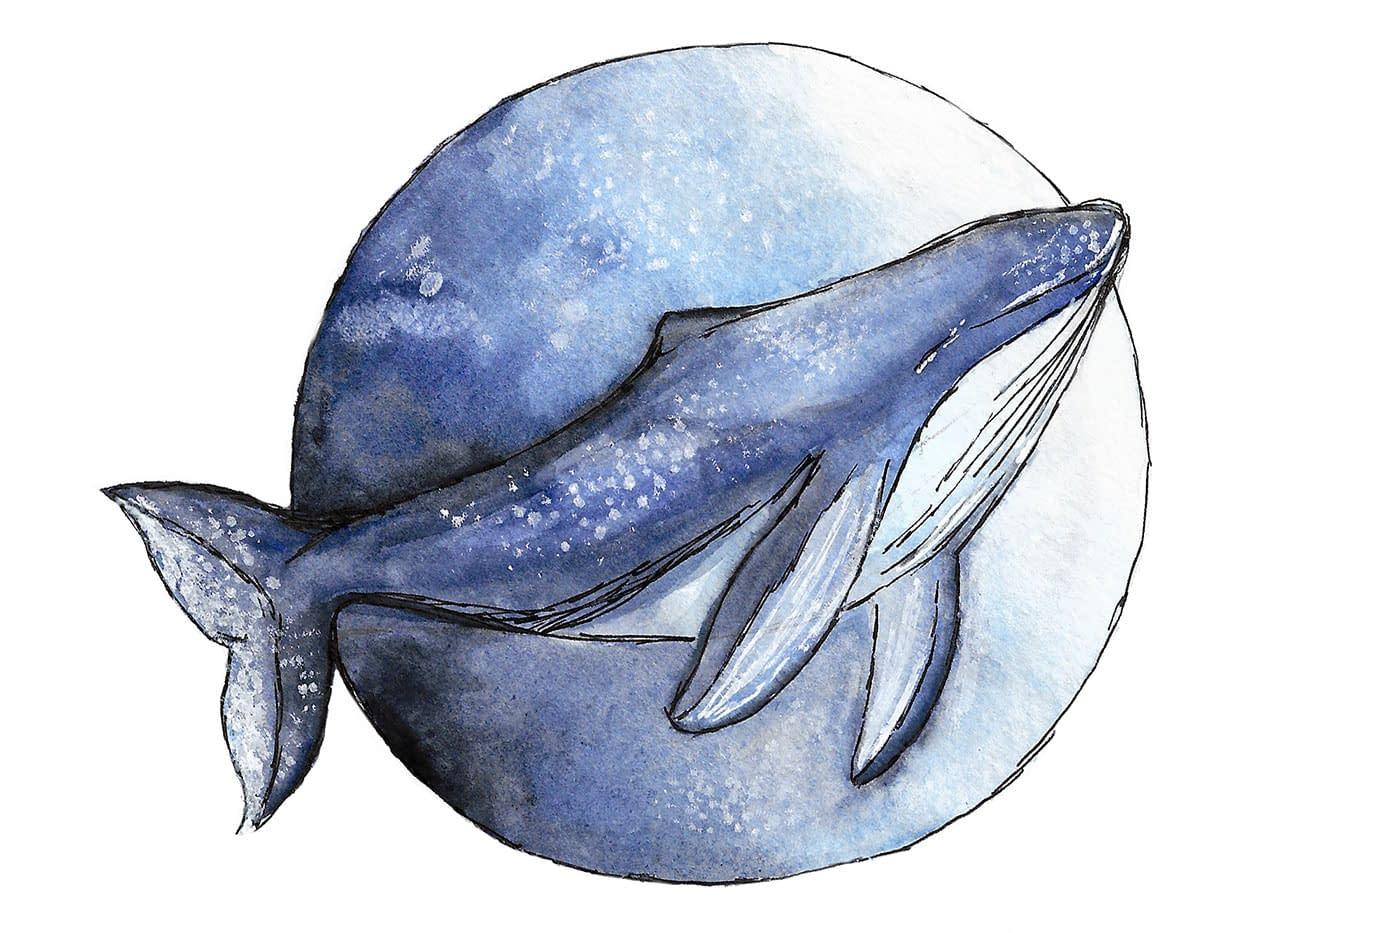 Aquarelle d'une baleine - Faustine Gauchet